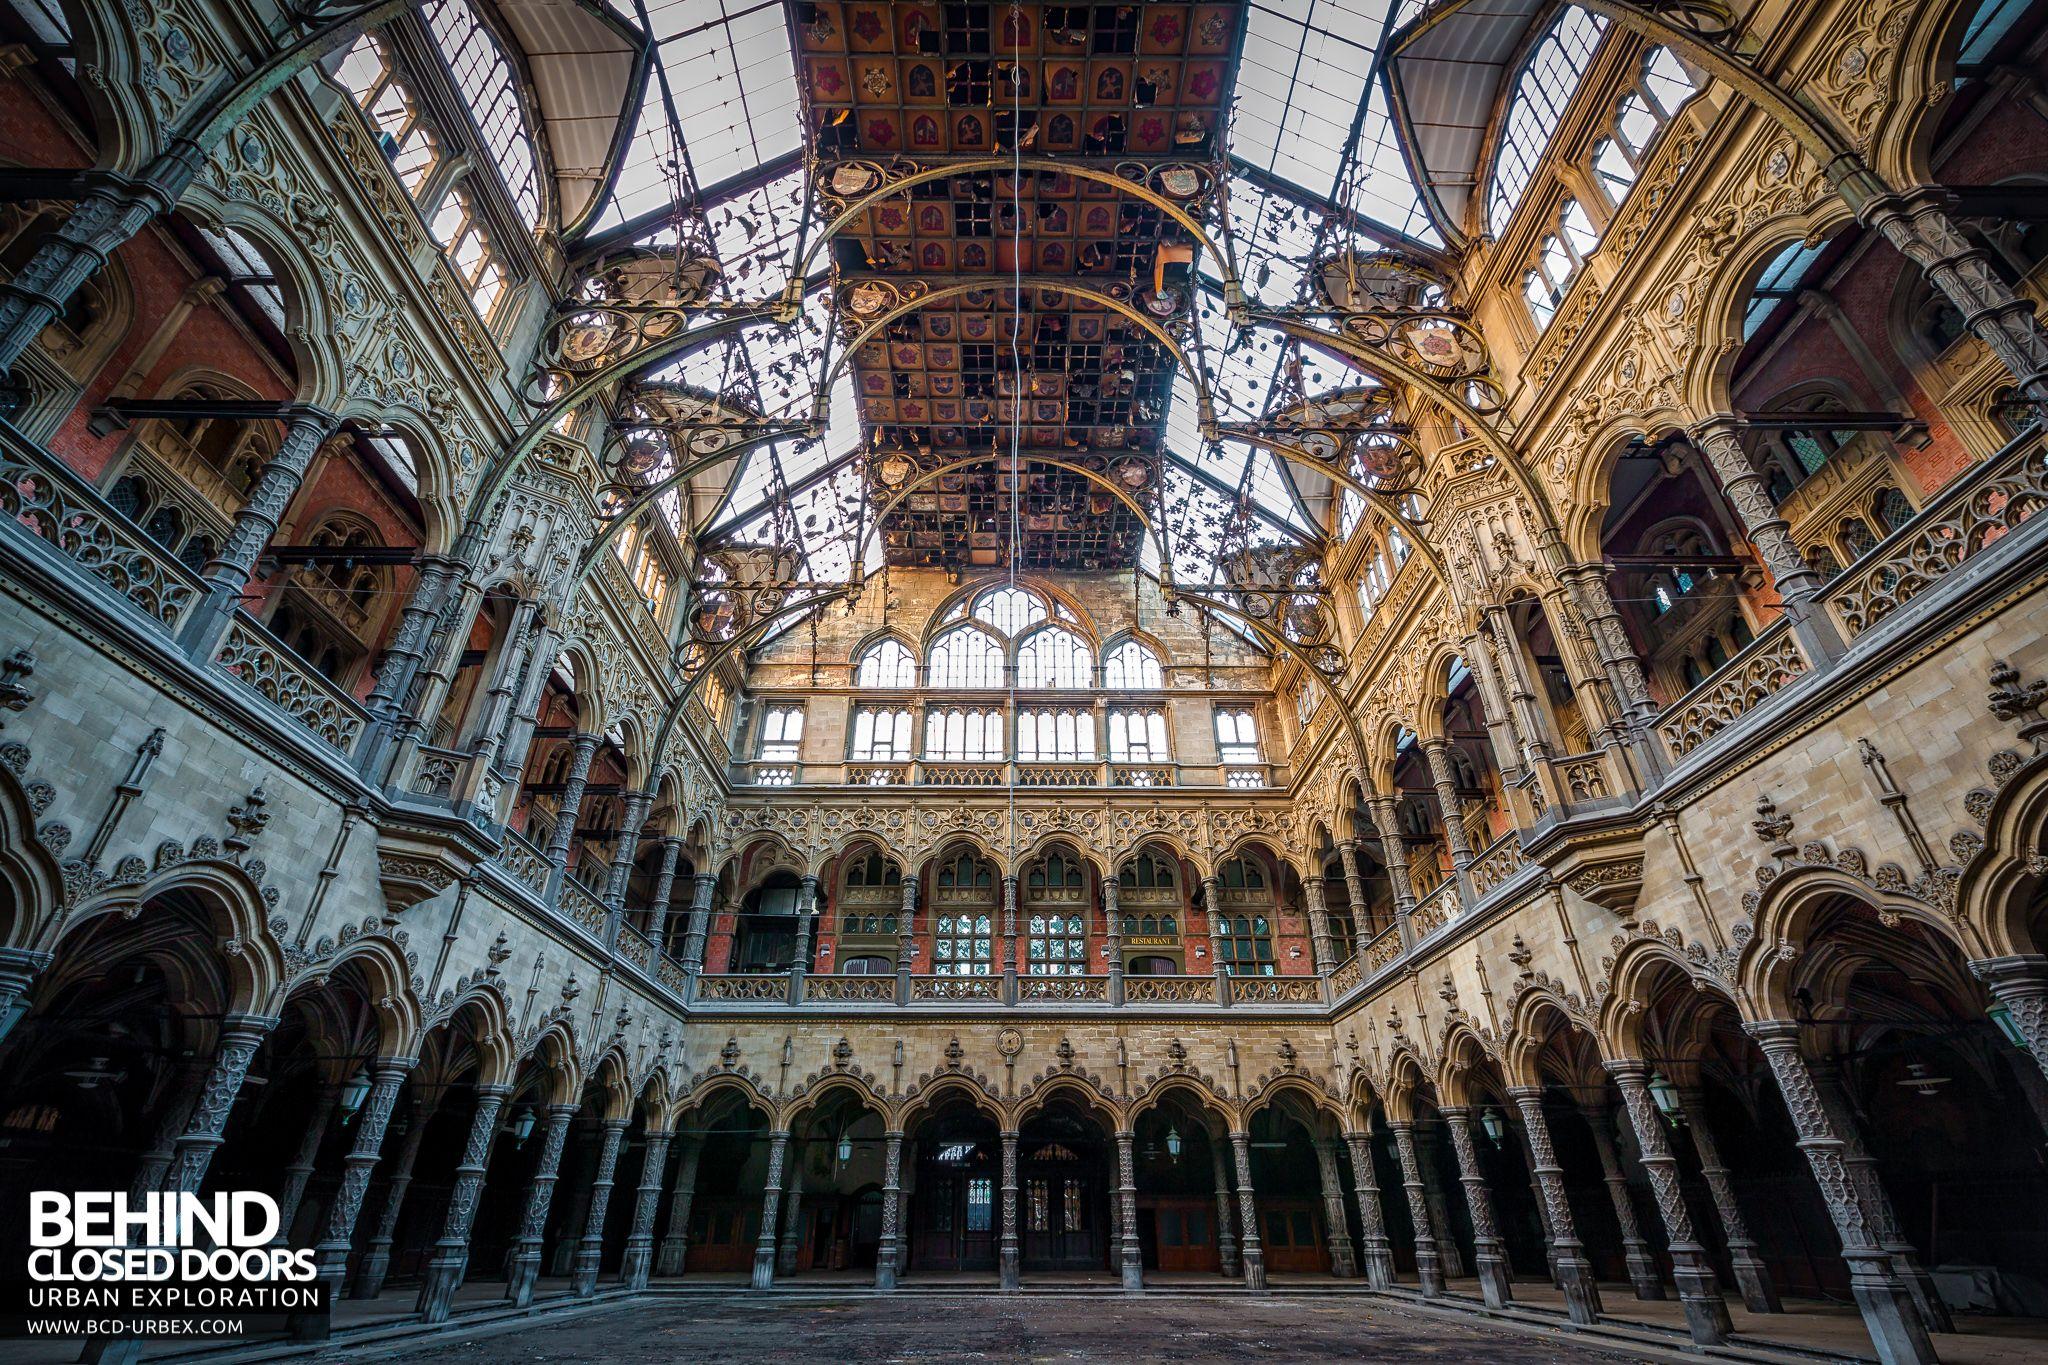 Cdc Chambre De Commerce Stock Exchange Antwerp Belgium Urbex Behind Closed Doors Urban Exploring Abandoned Locations Stock Exchange Antwerp Belgium